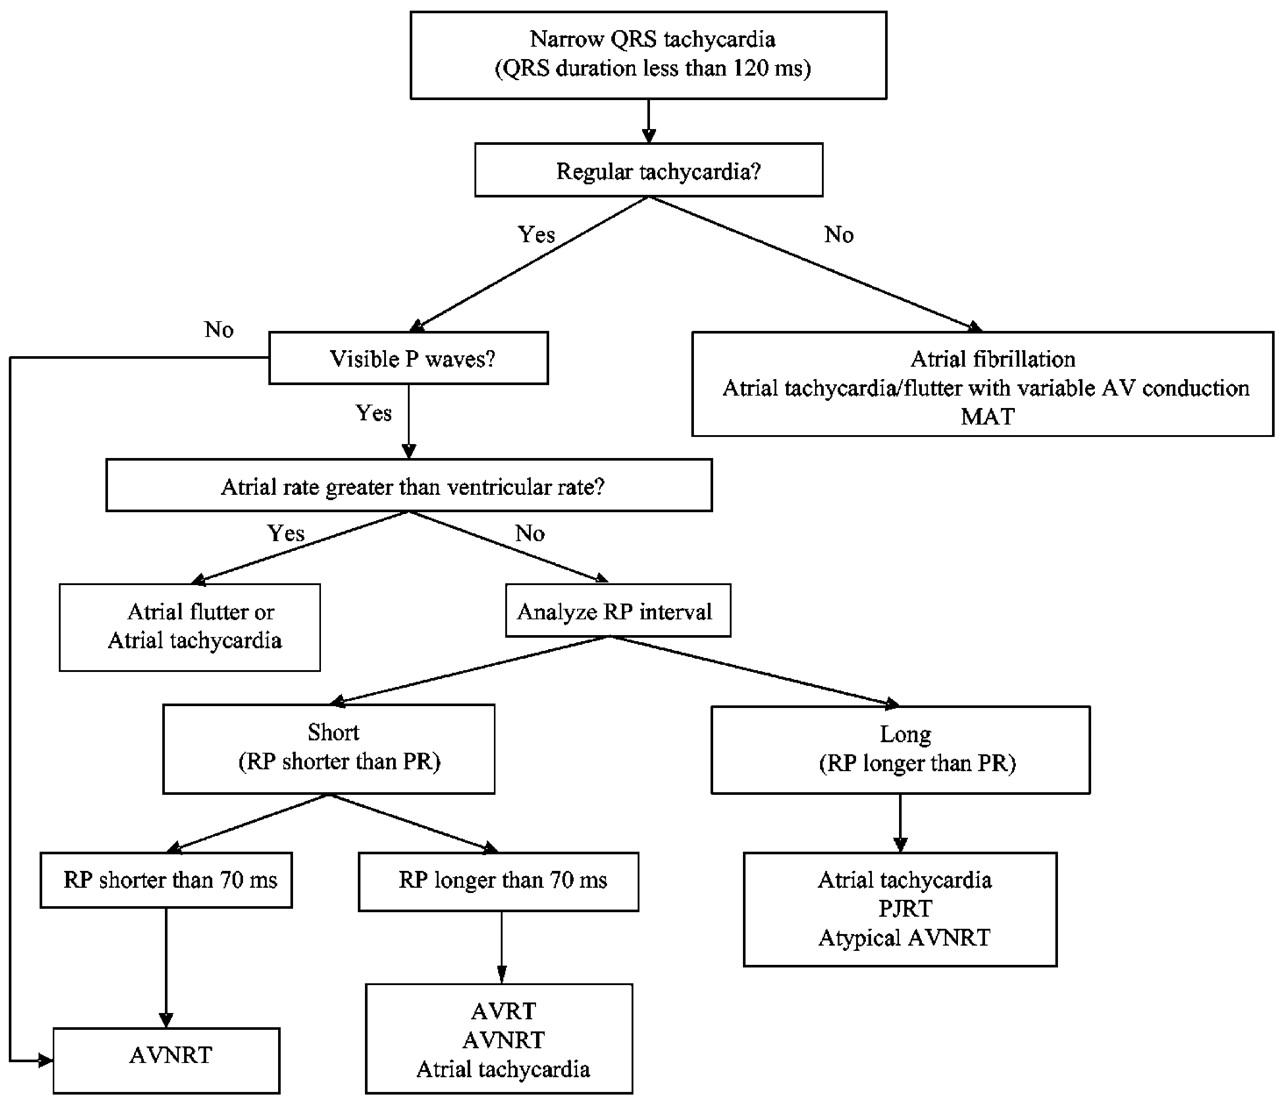 Supraventricular Tachycardia Non Cardiac Surgery Cancer Therapy Advisor